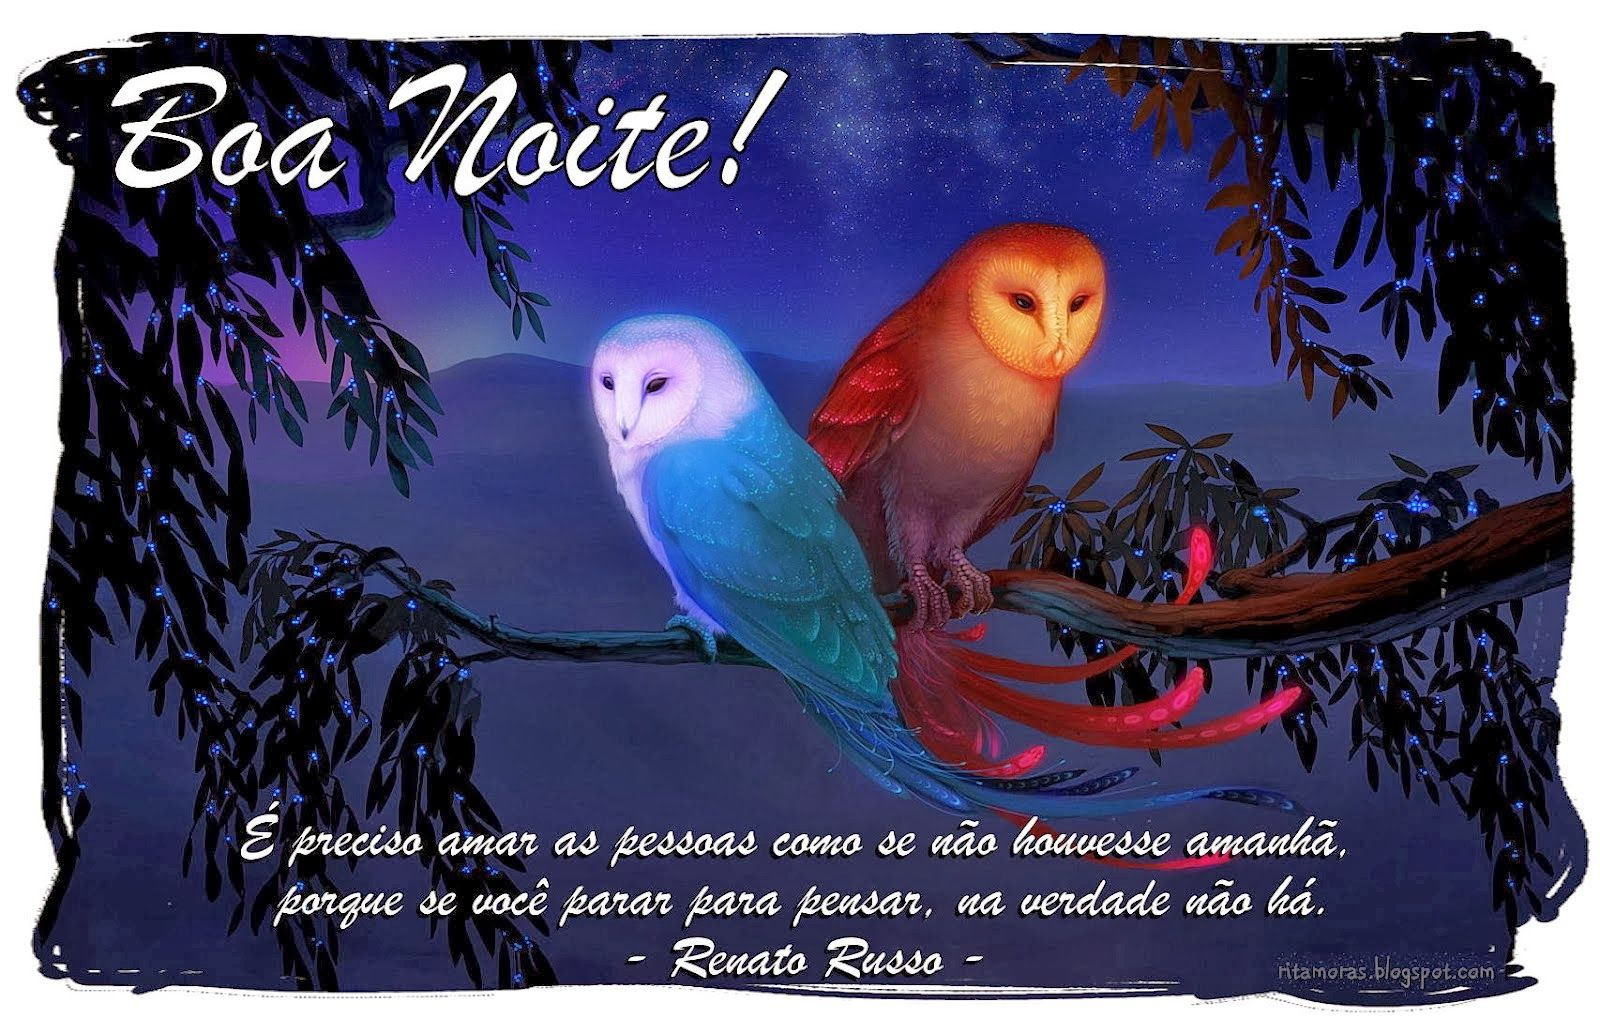 Frases Engracadas De Boa Noite: Frases De Boa Noite Engraçadas - Bing Images